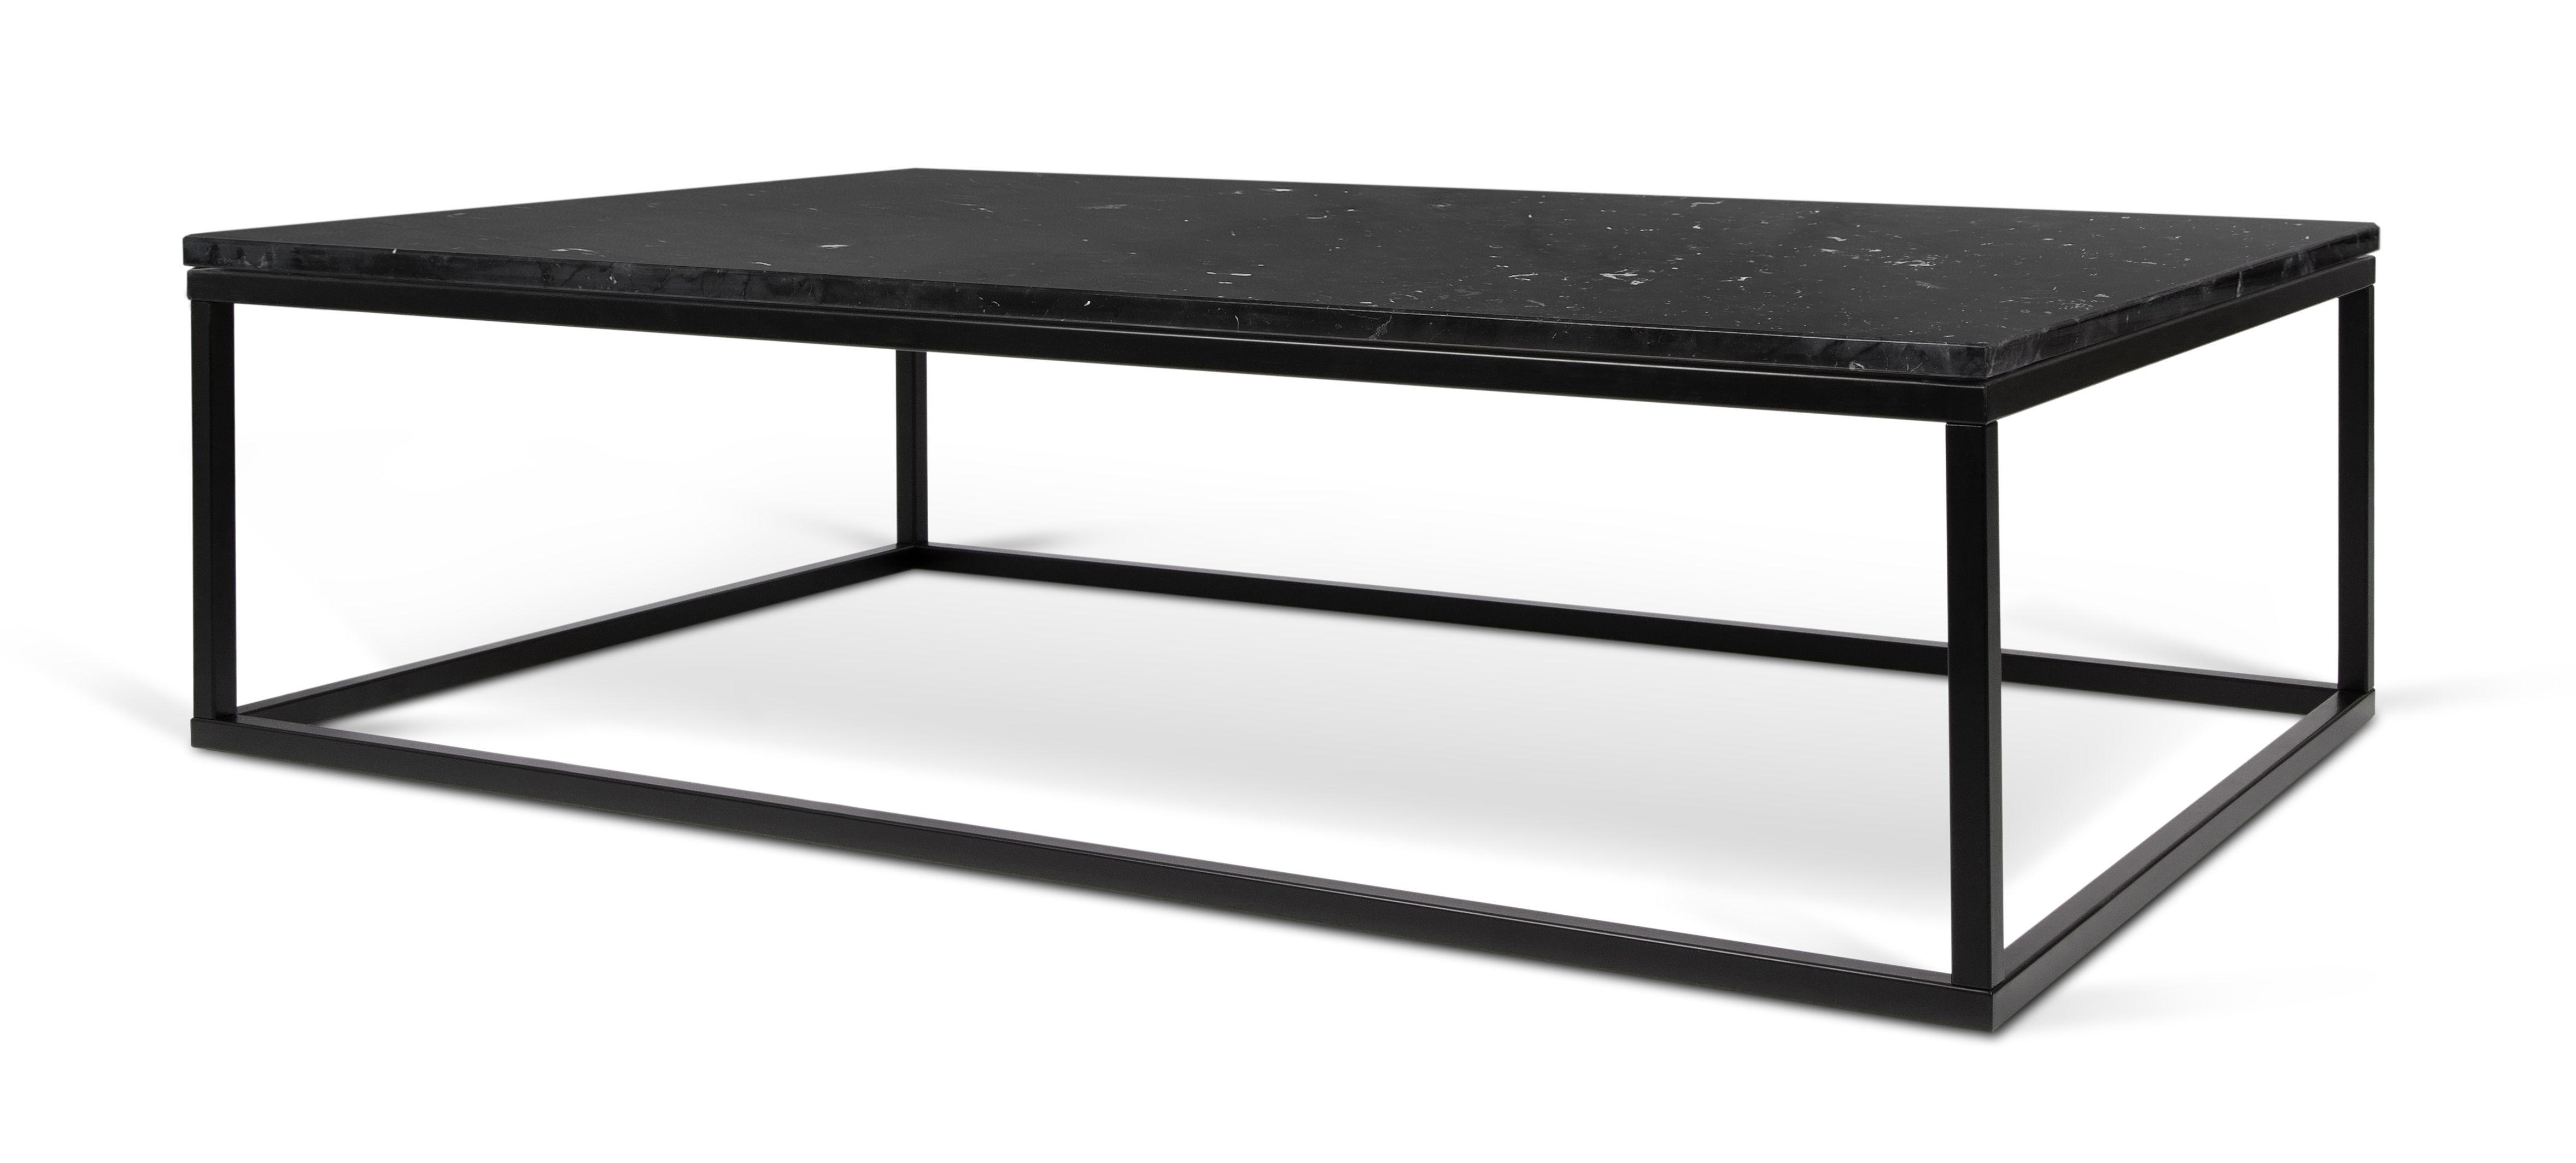 marble couchtisch marmor 120 x 75 cm tischplatte schwarz tischgestell schwarz by pop up. Black Bedroom Furniture Sets. Home Design Ideas